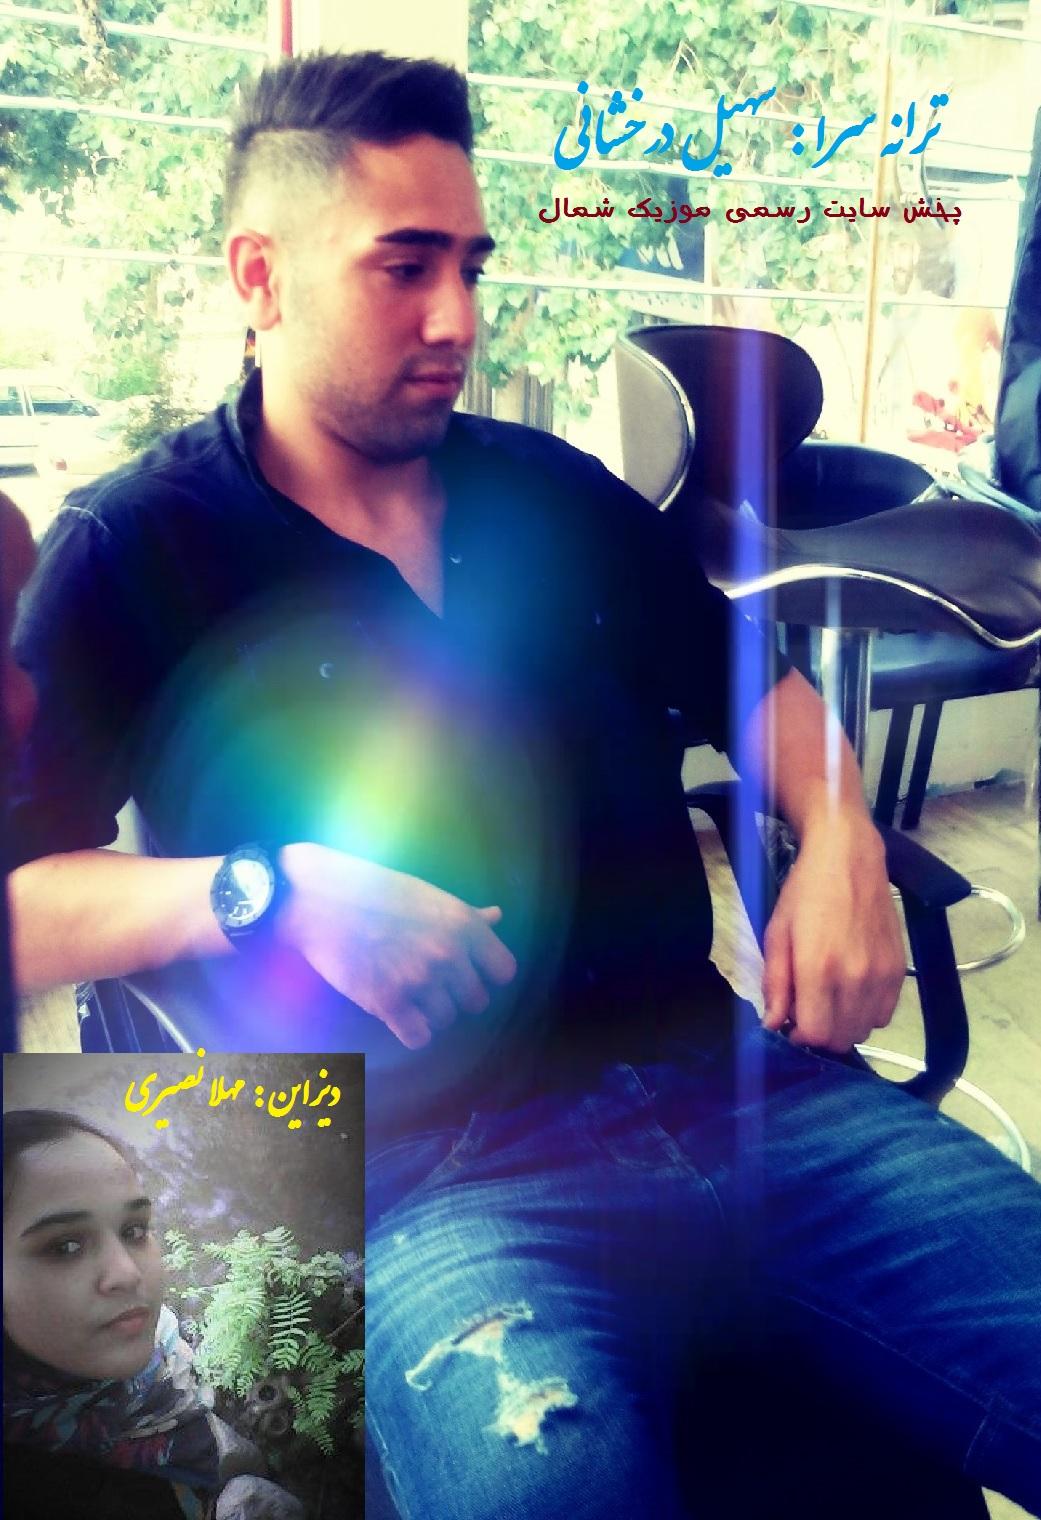 https://www.shomal-music.info/wp-content/uploads/2016/08/Mohsen-Tajeri-Neka-Sari.jpg